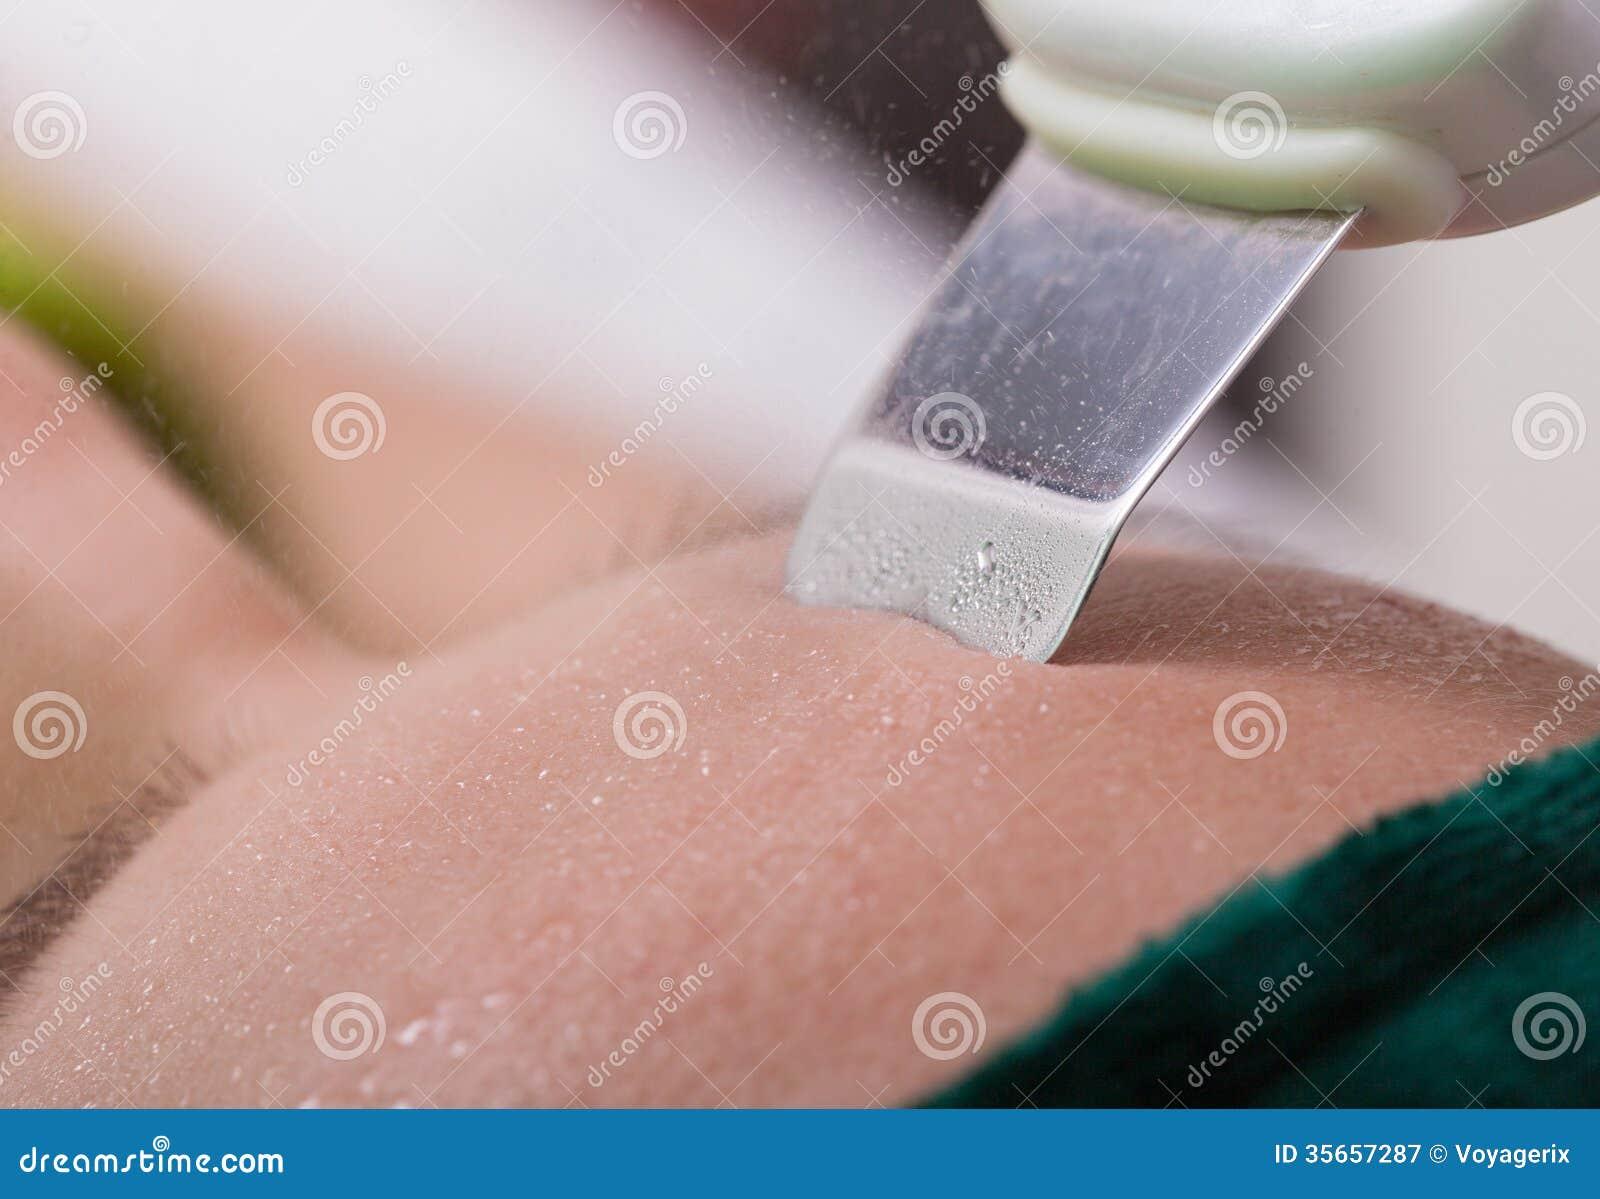 photographie stock libre de droits femme atteignant le nettoyage visage peau d ultrason salon station thermale beaut image